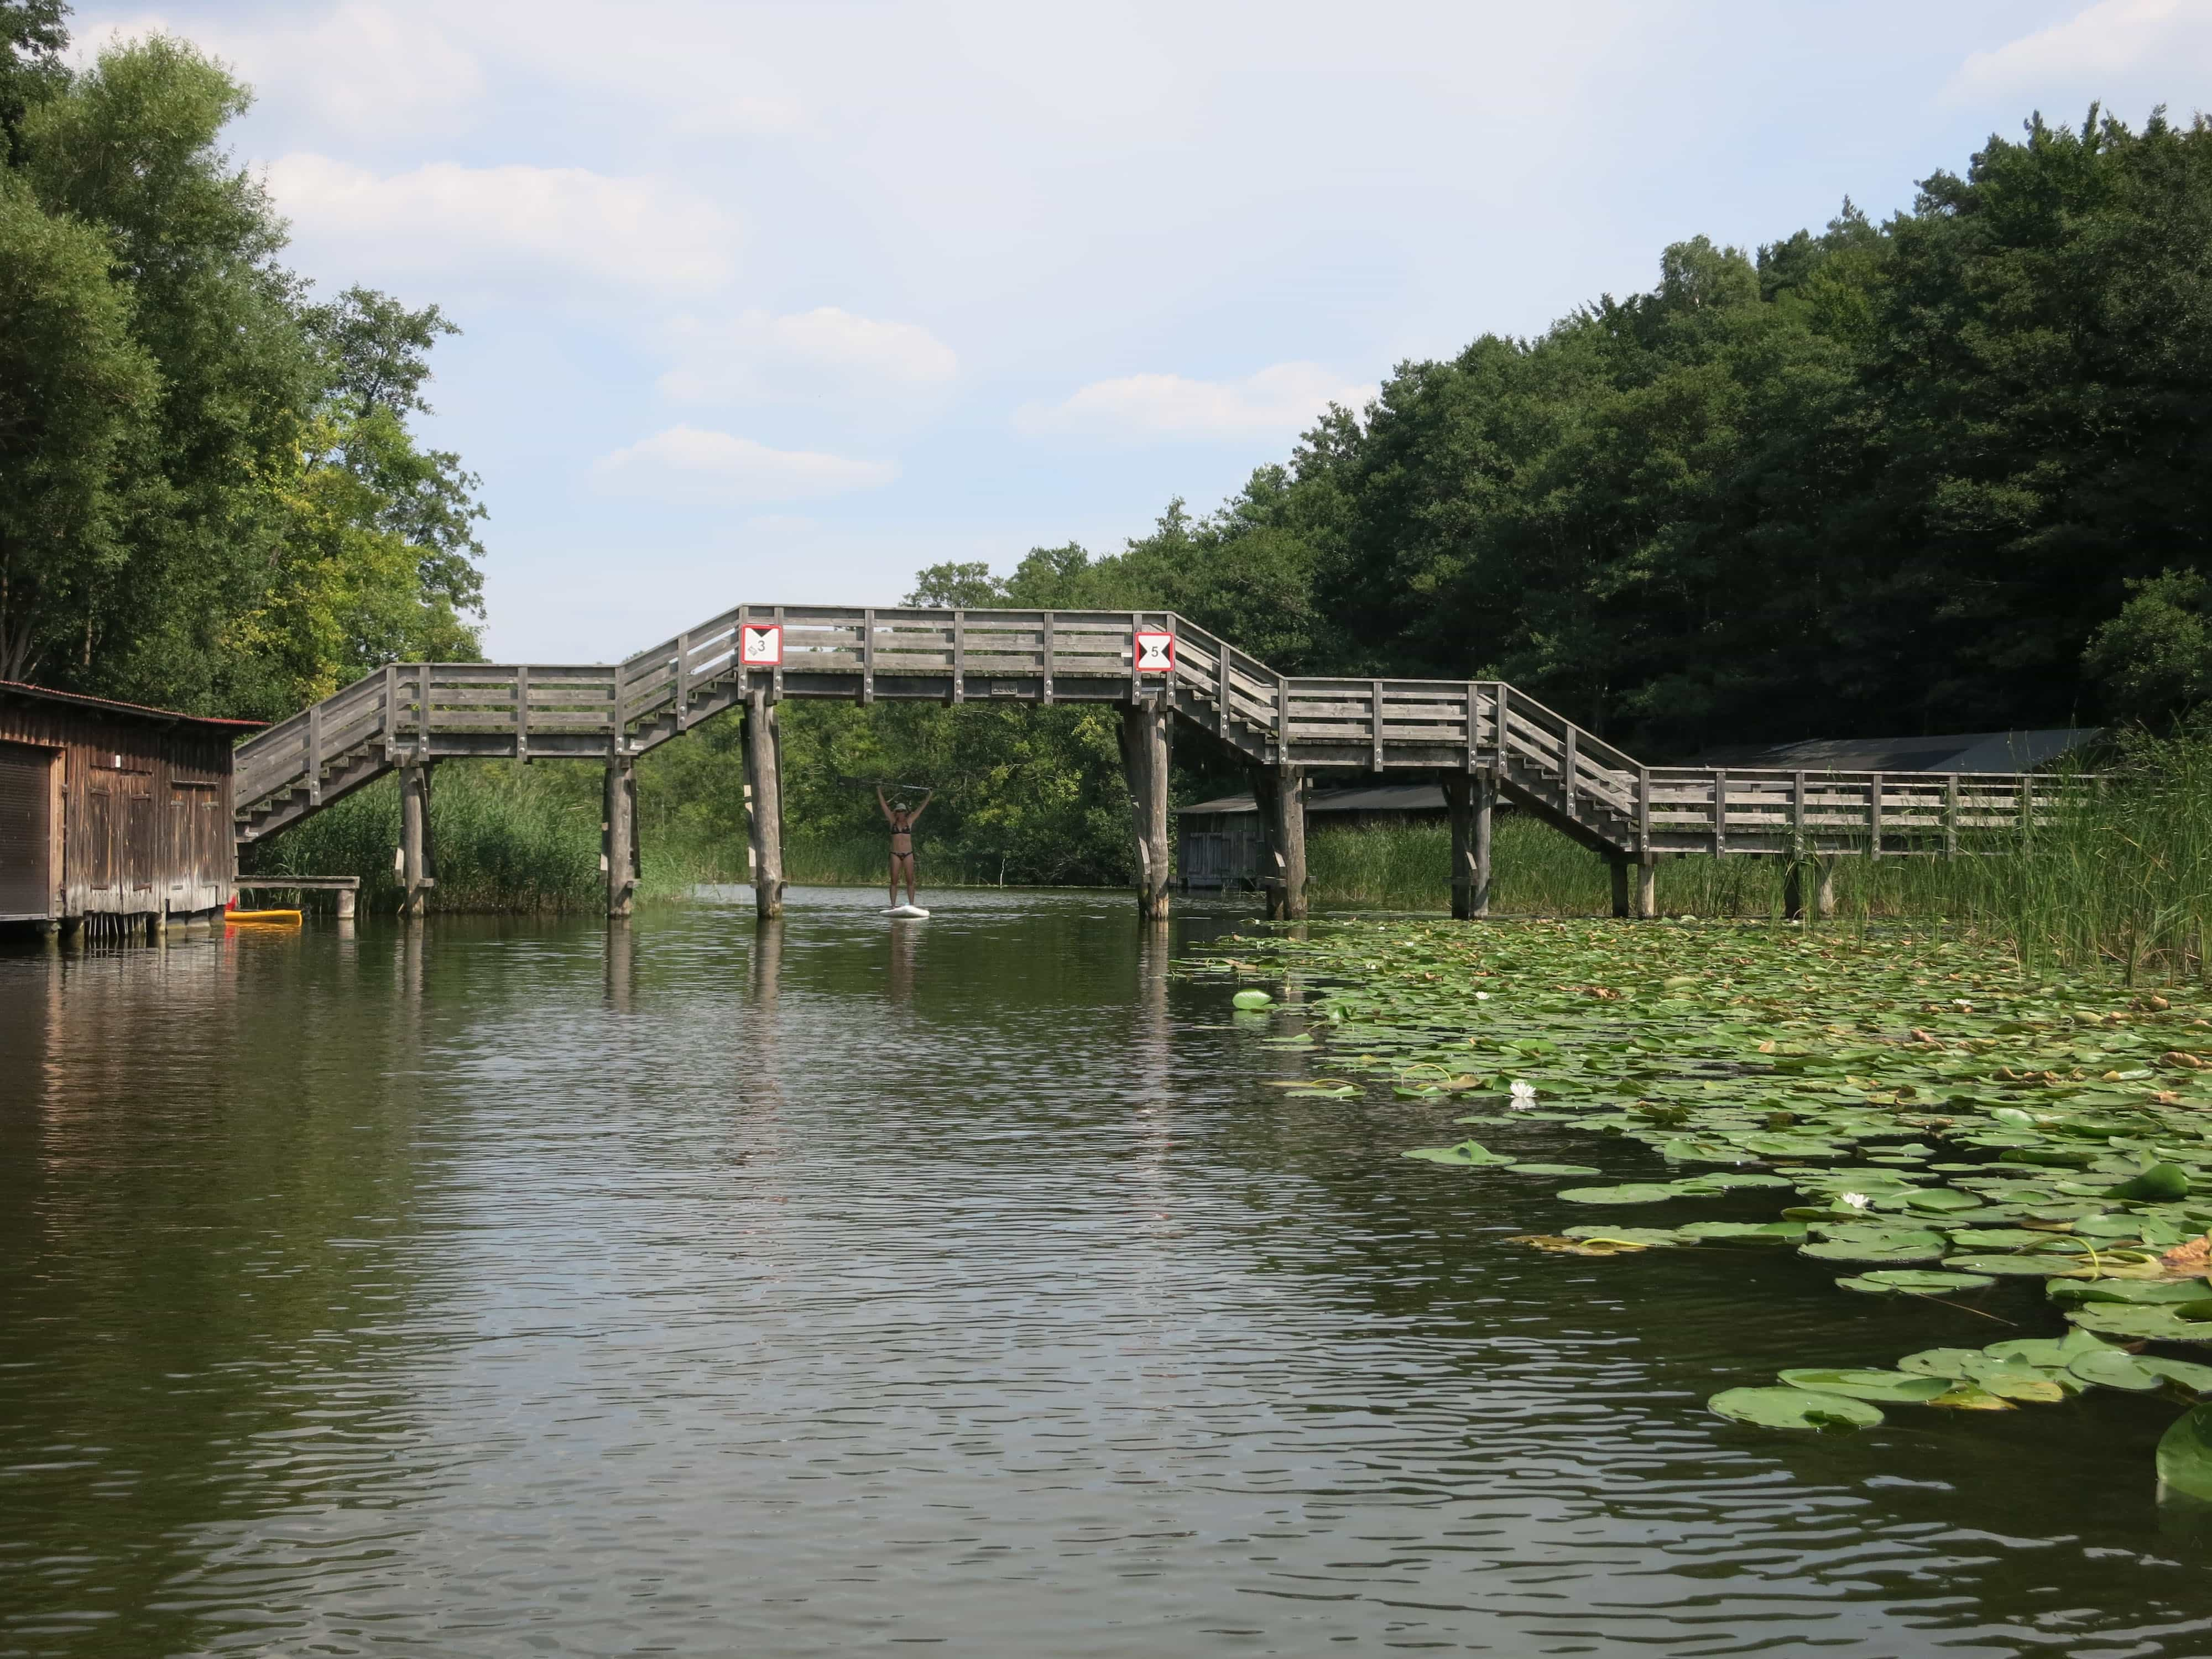 Wasserwandern Mecklenburgische Seenplatte Karte.Sup Tour 3 Seen Tour Auf Der Mecklenburger Seenplatte